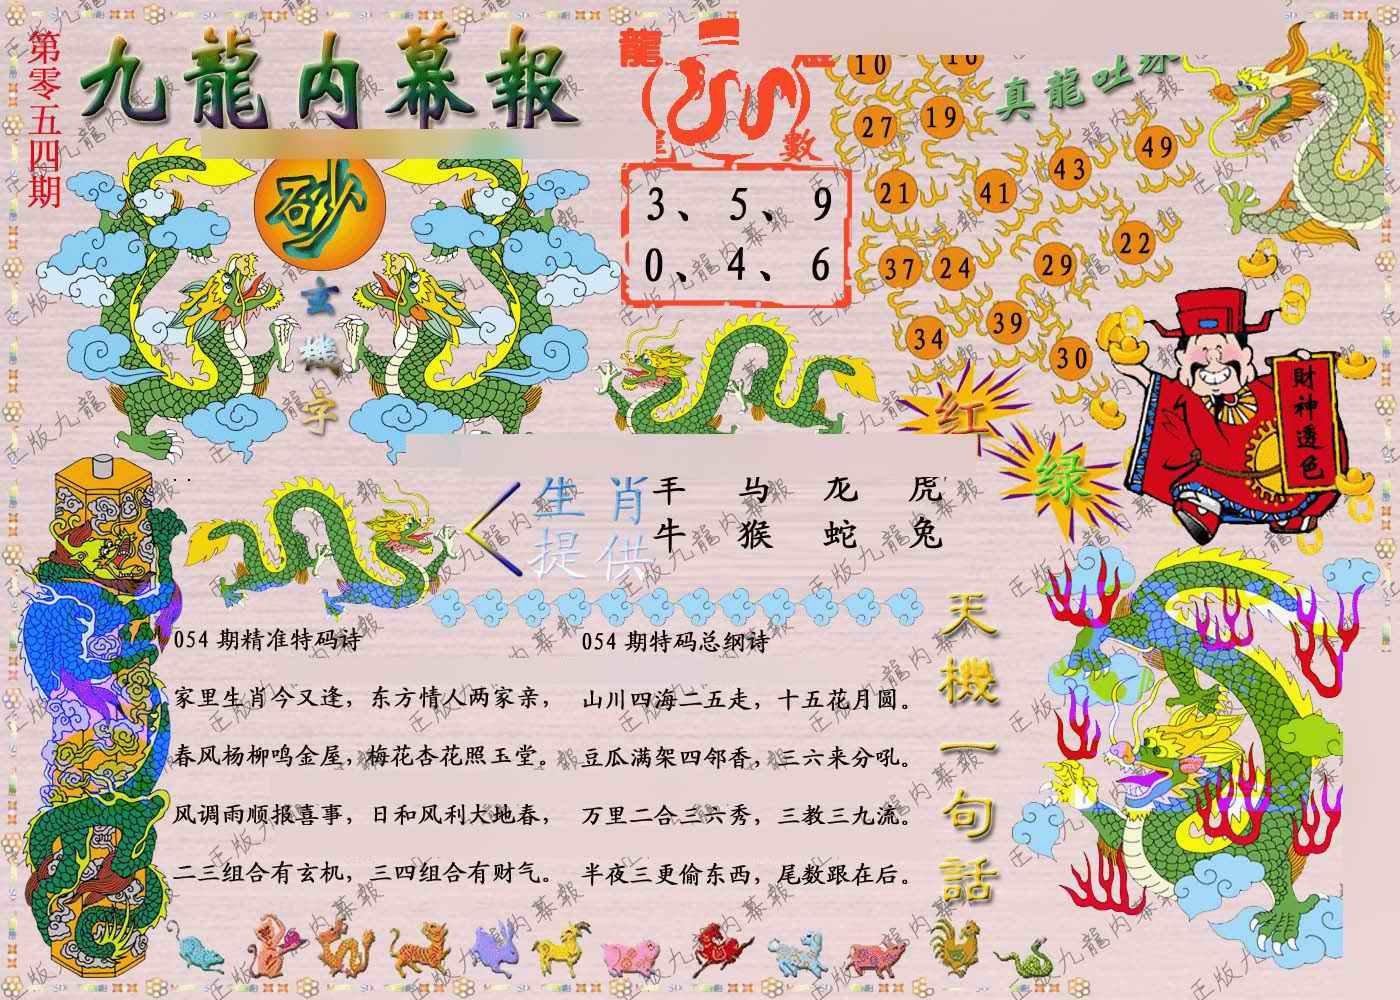 054期正版九龙内幕报